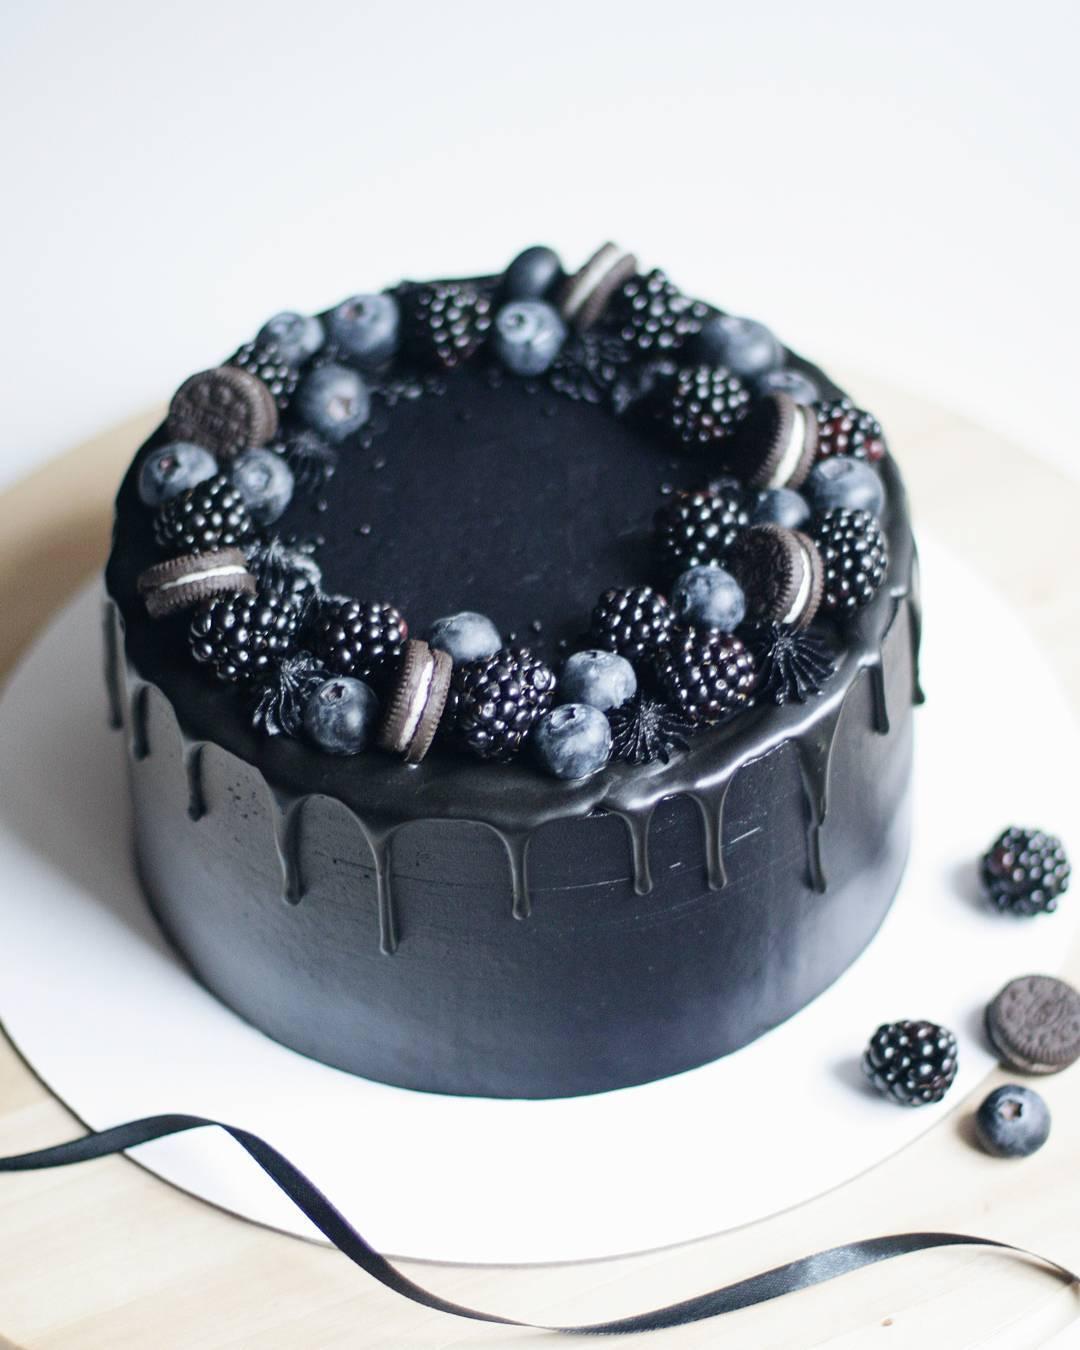 Нет, это не сожженная еда, это черная магия на вашей тарелке. И это полезно для